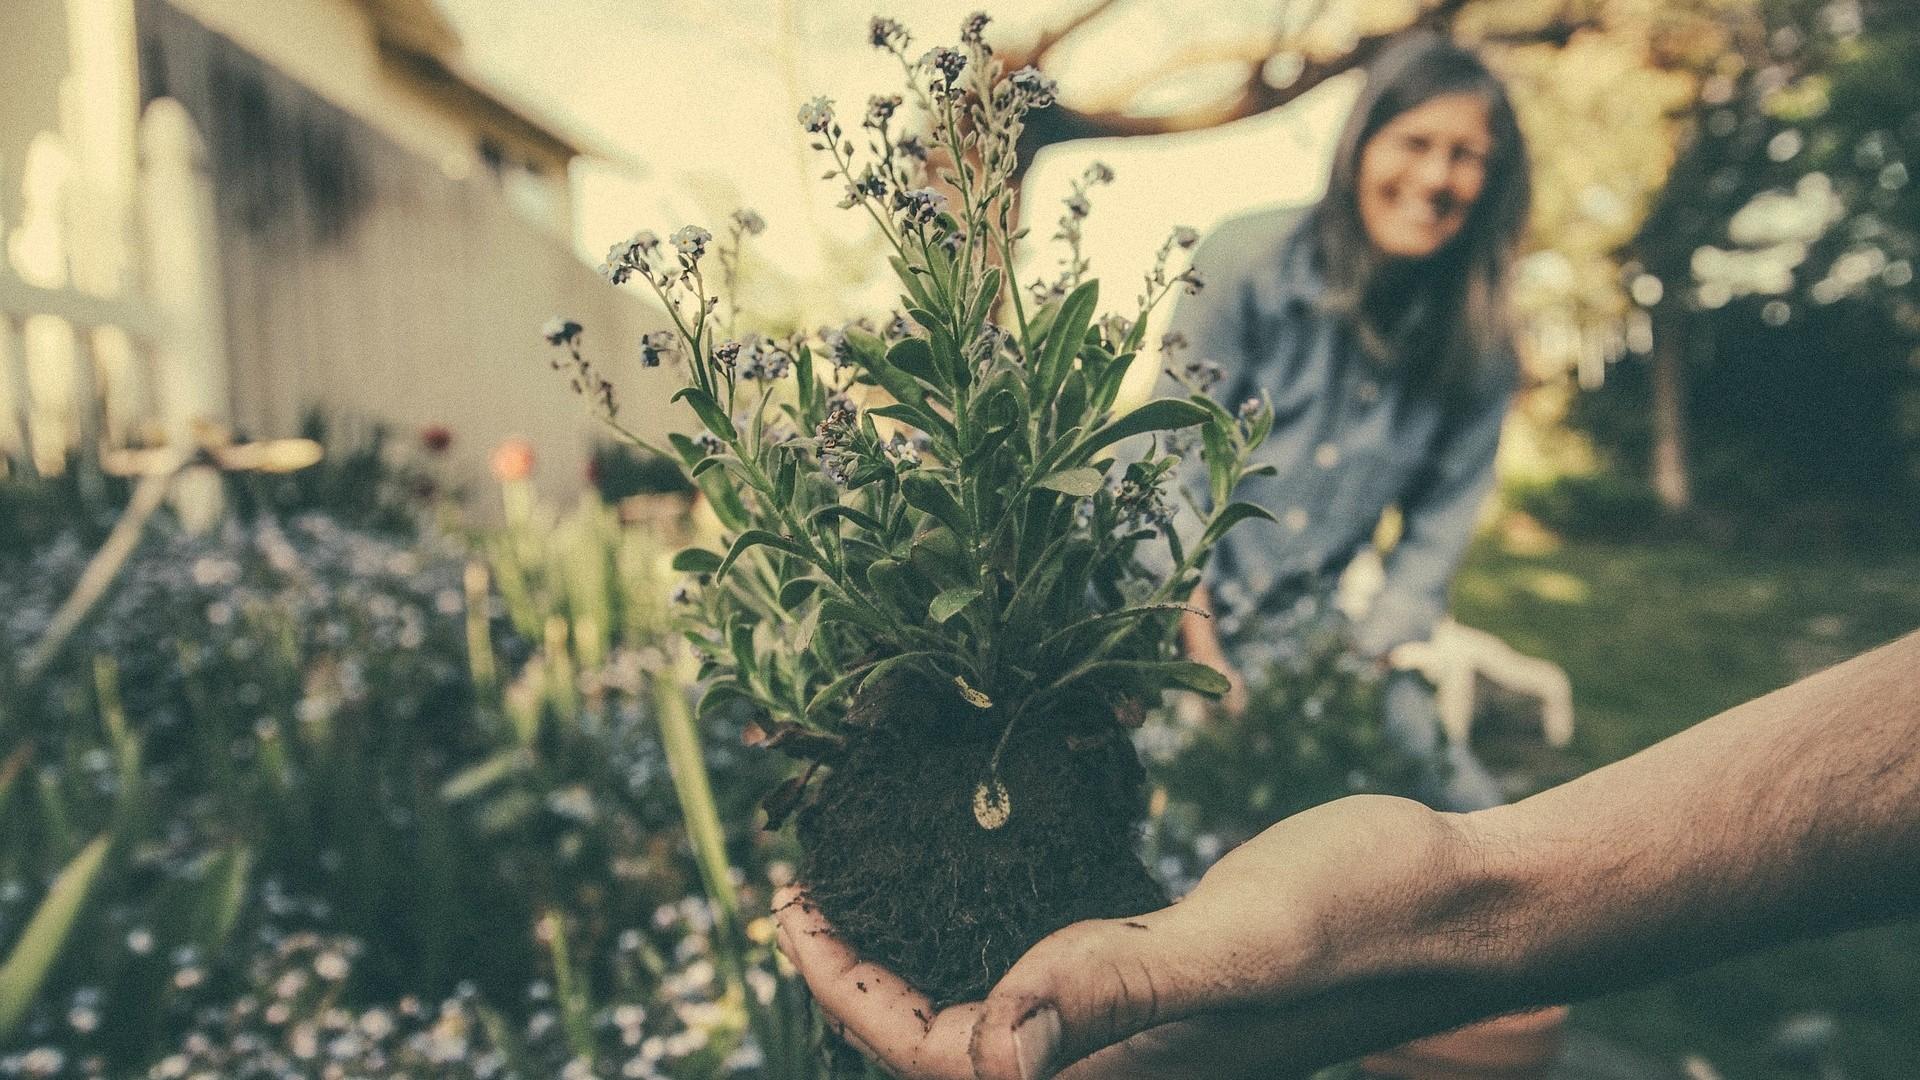 ▲園藝,種植,園丁。(圖/取自免費圖庫Pixabay)